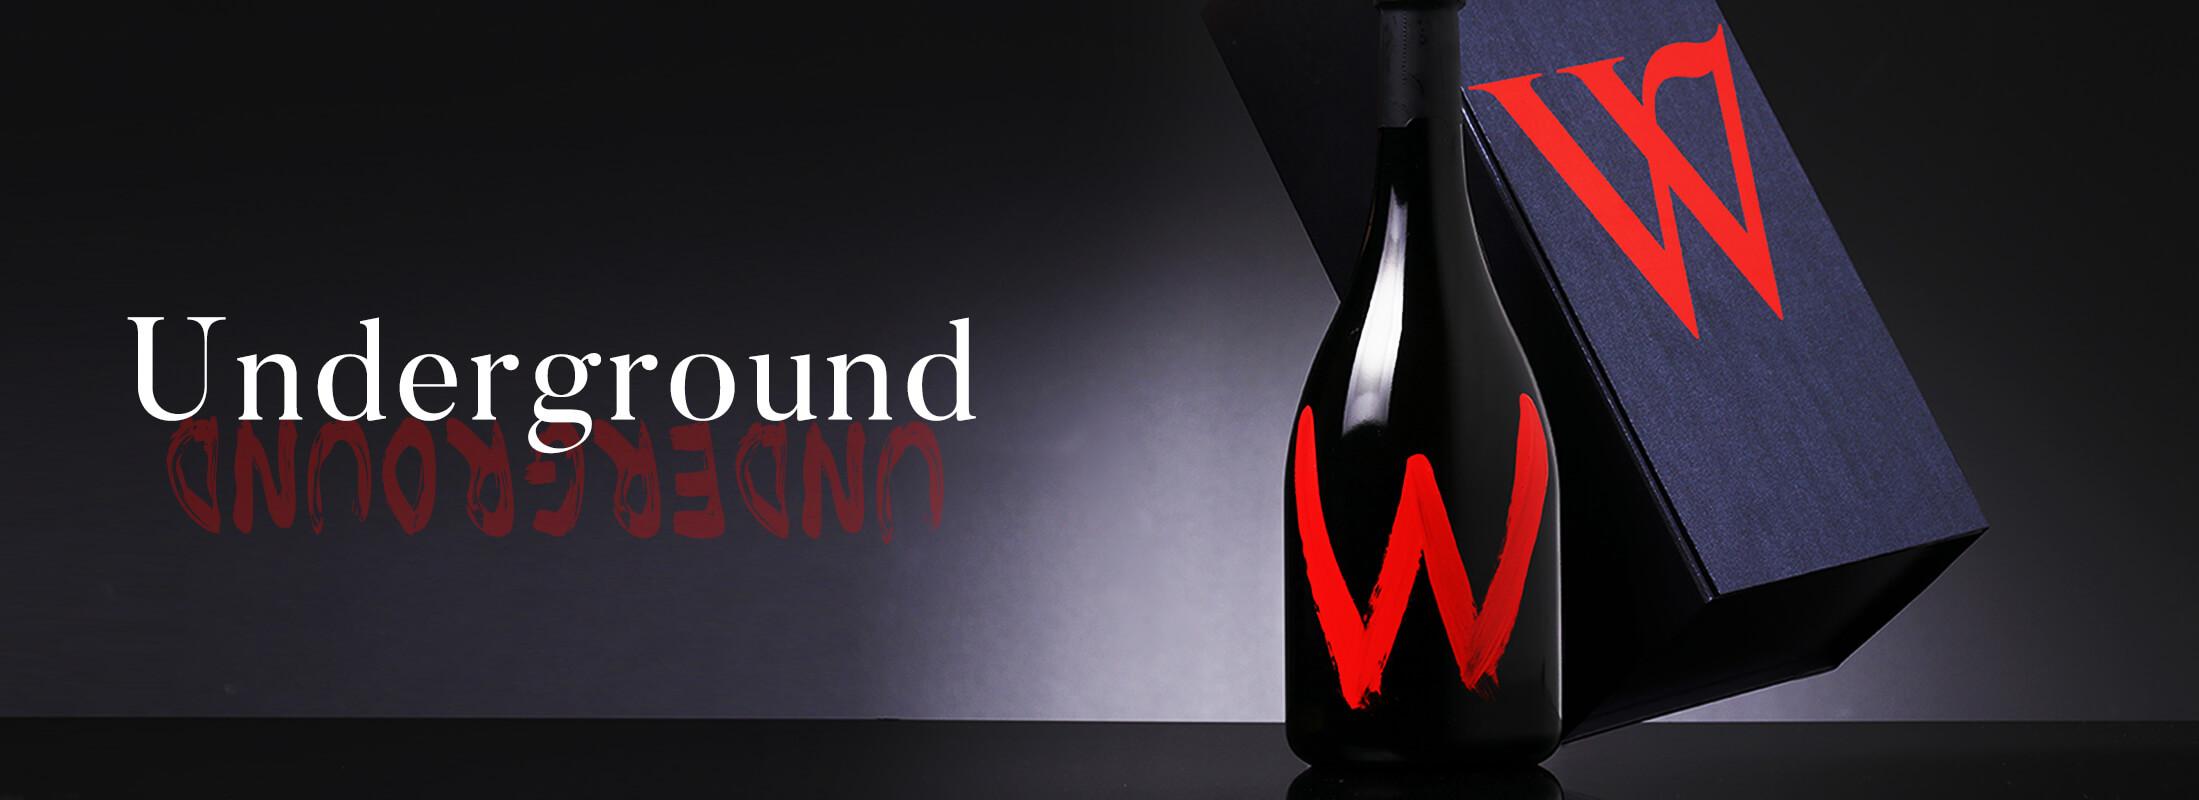 W Underground